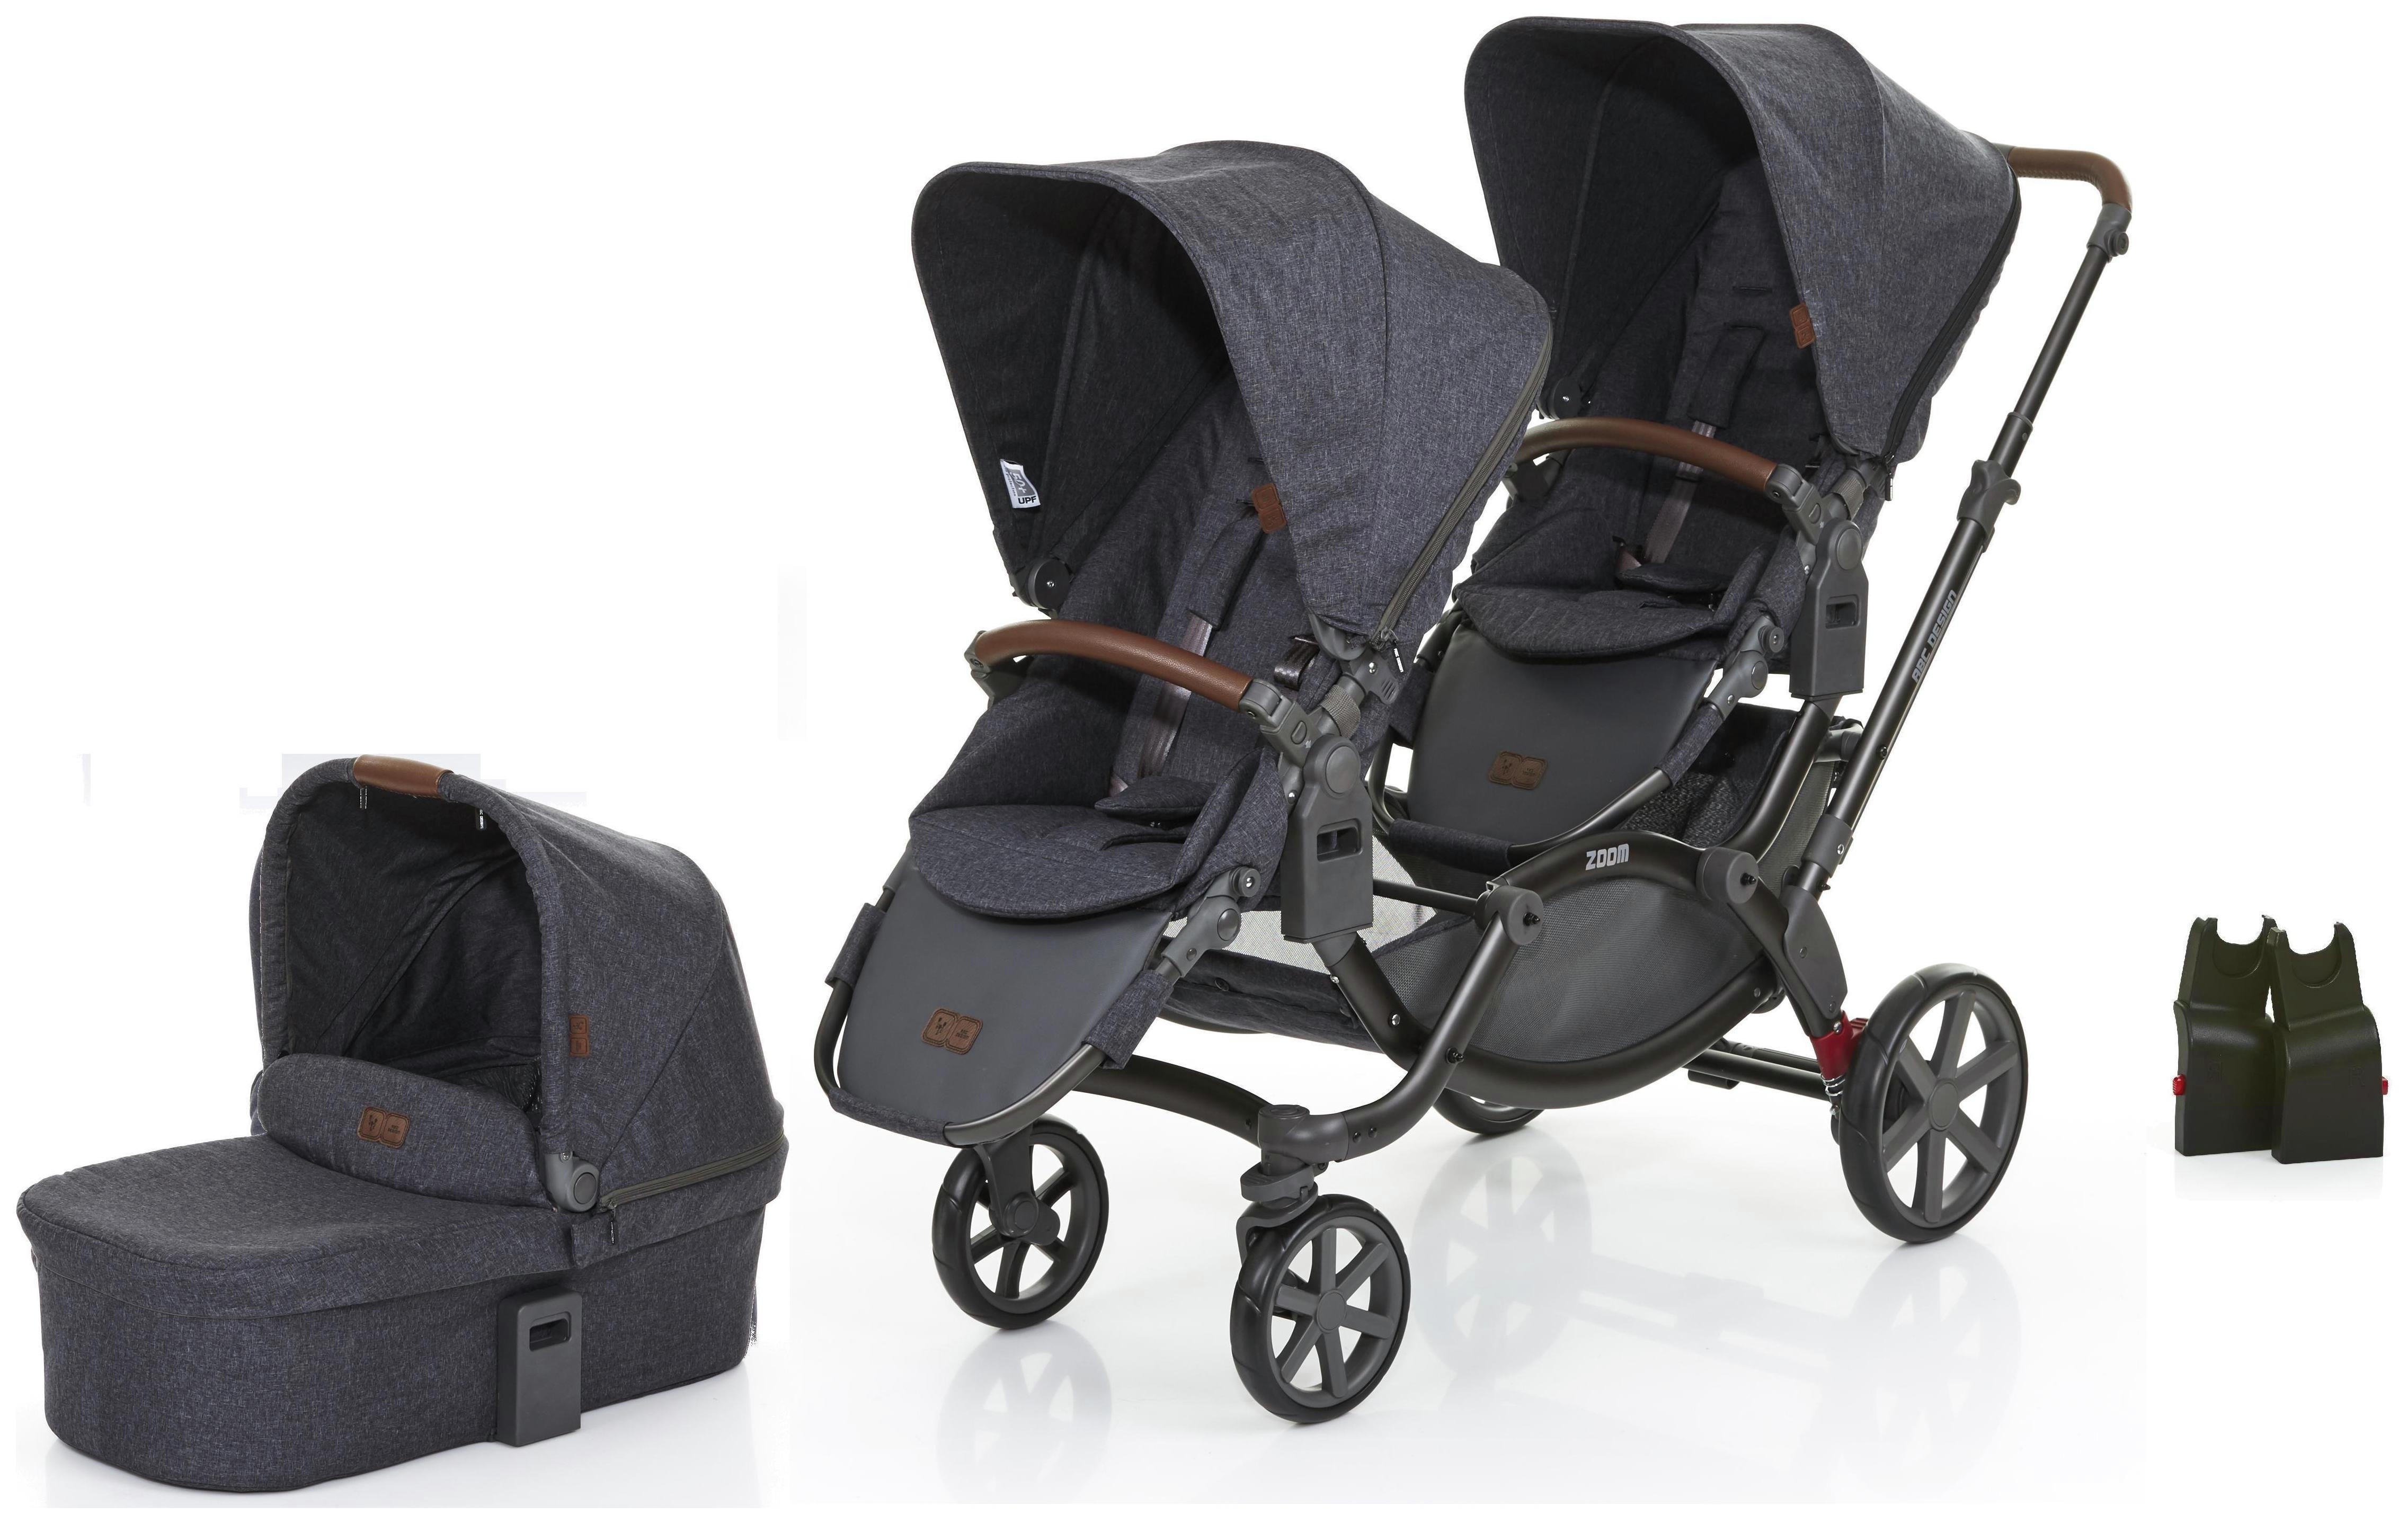 ABC Design ABC Design Zoom Tandem, Carrycot & 1 Car Seat Adaptors